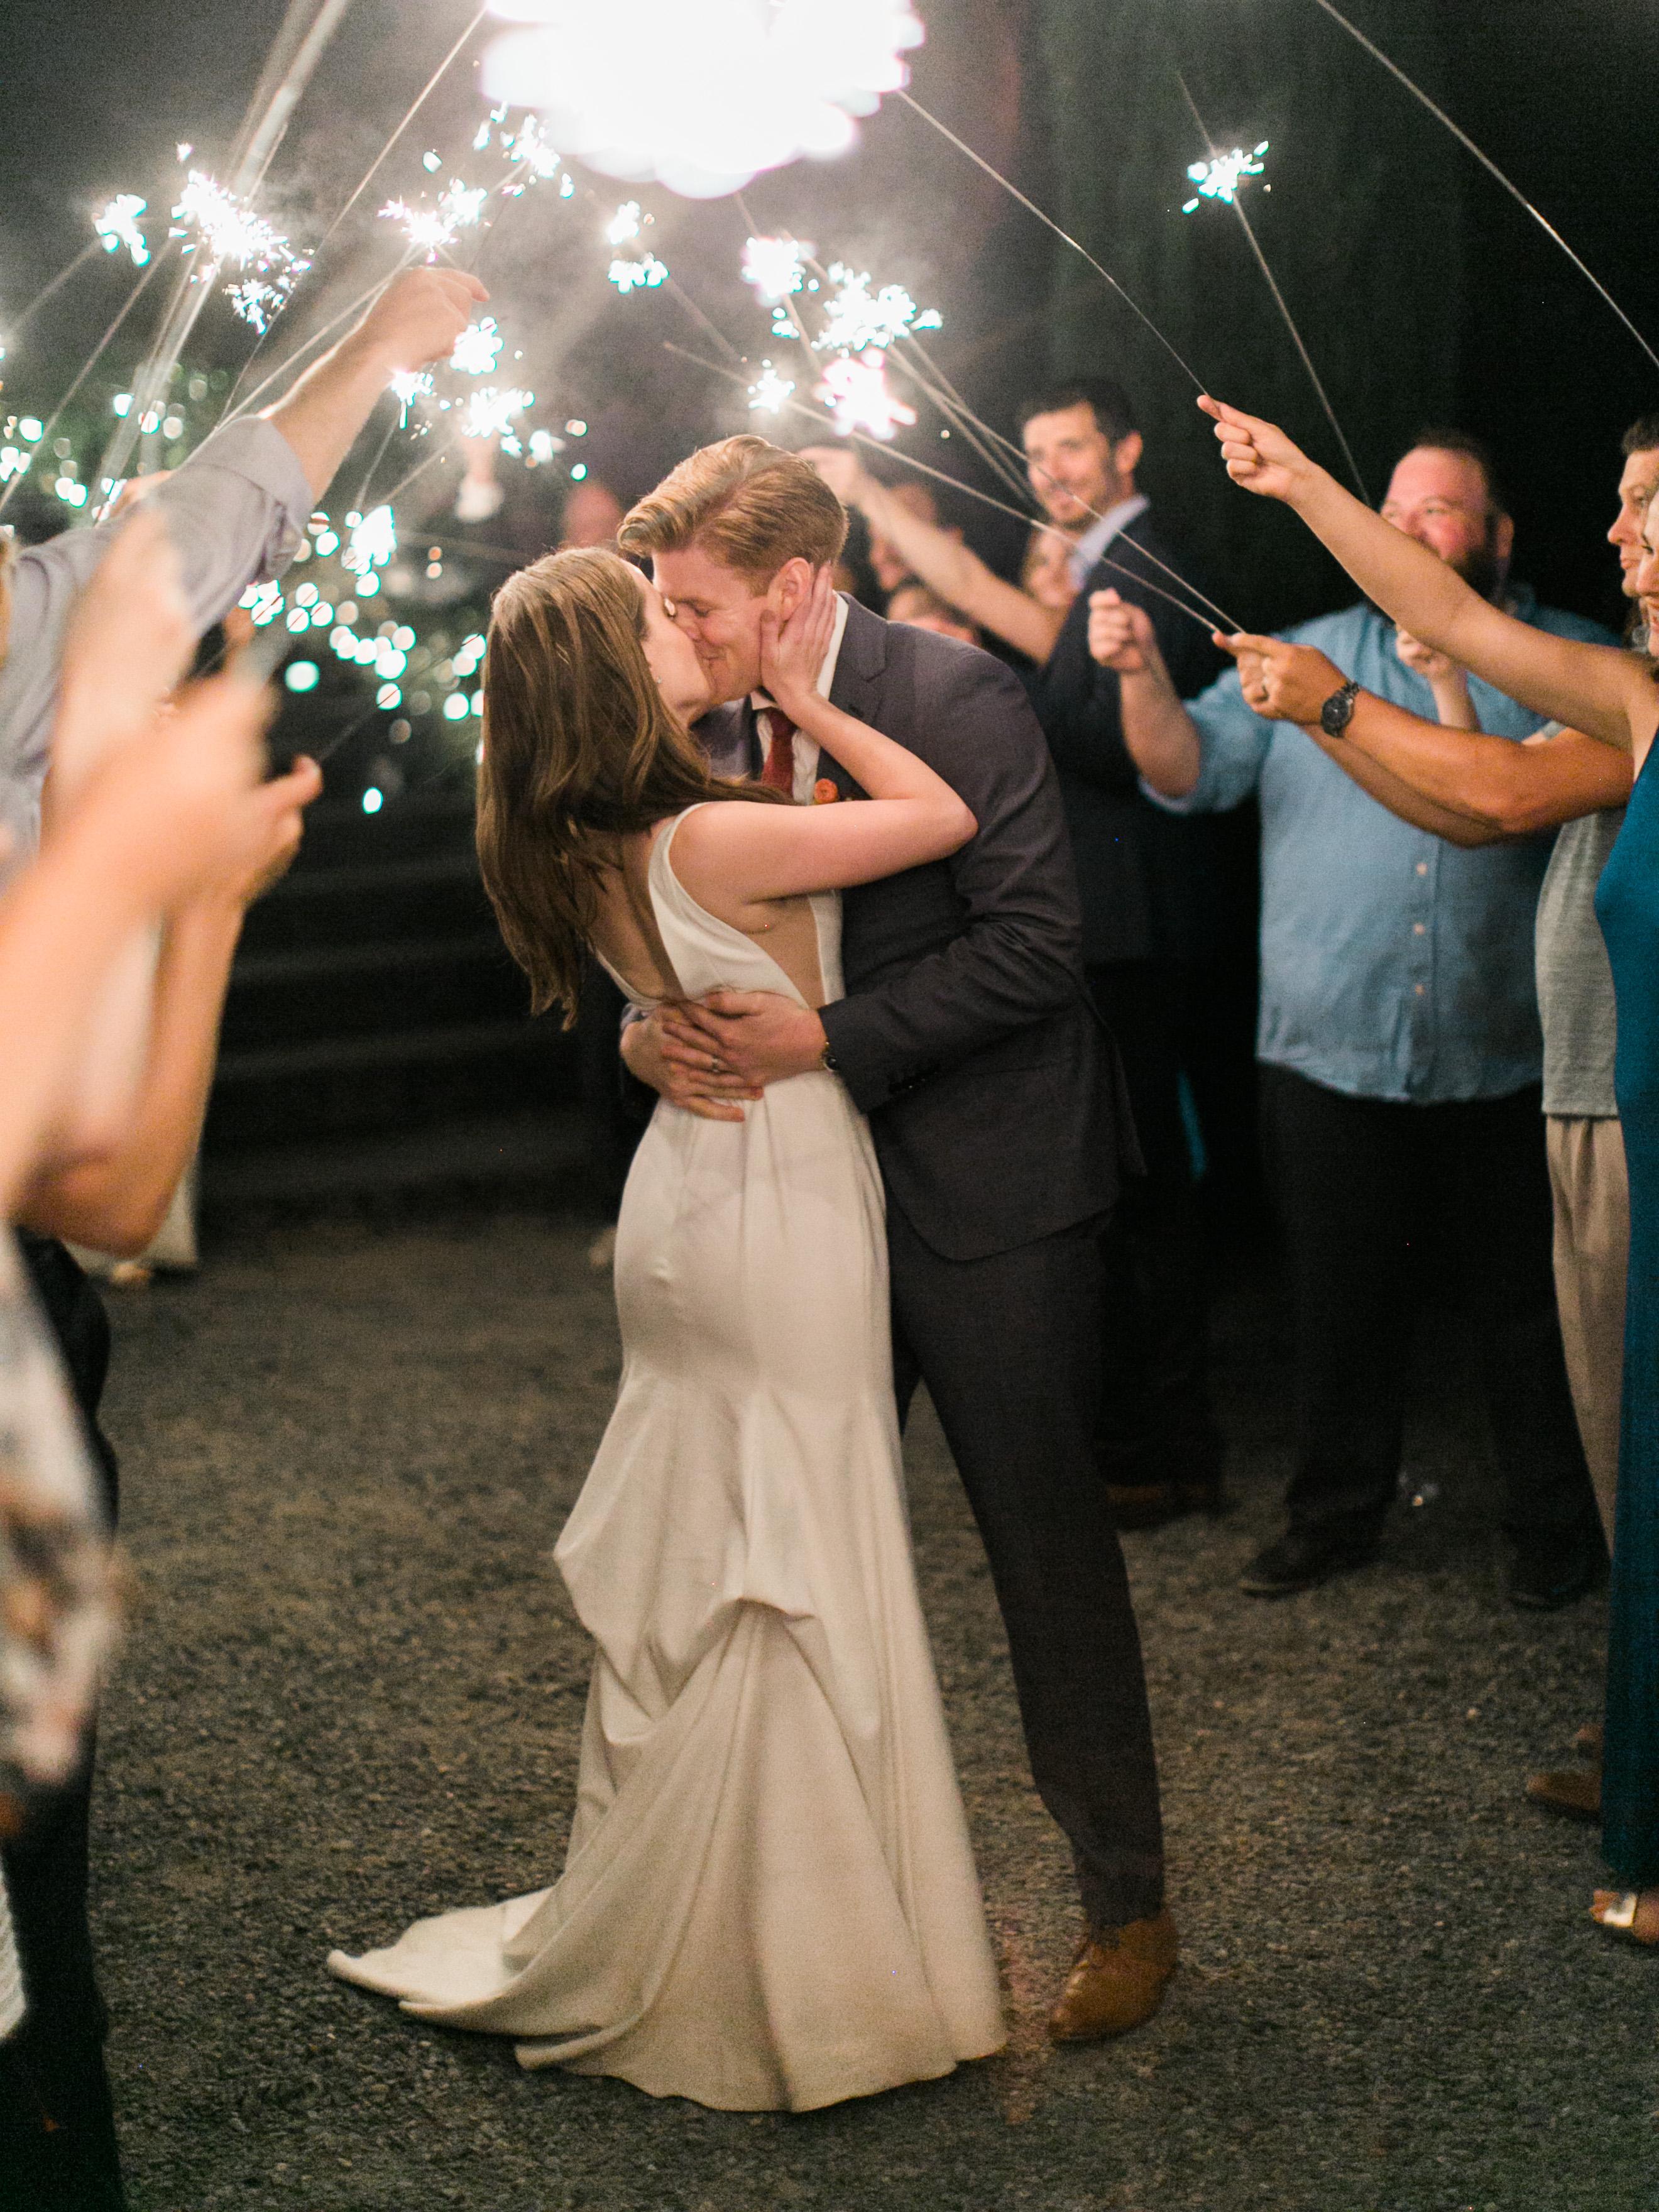 paige matt wedding sparkler exit